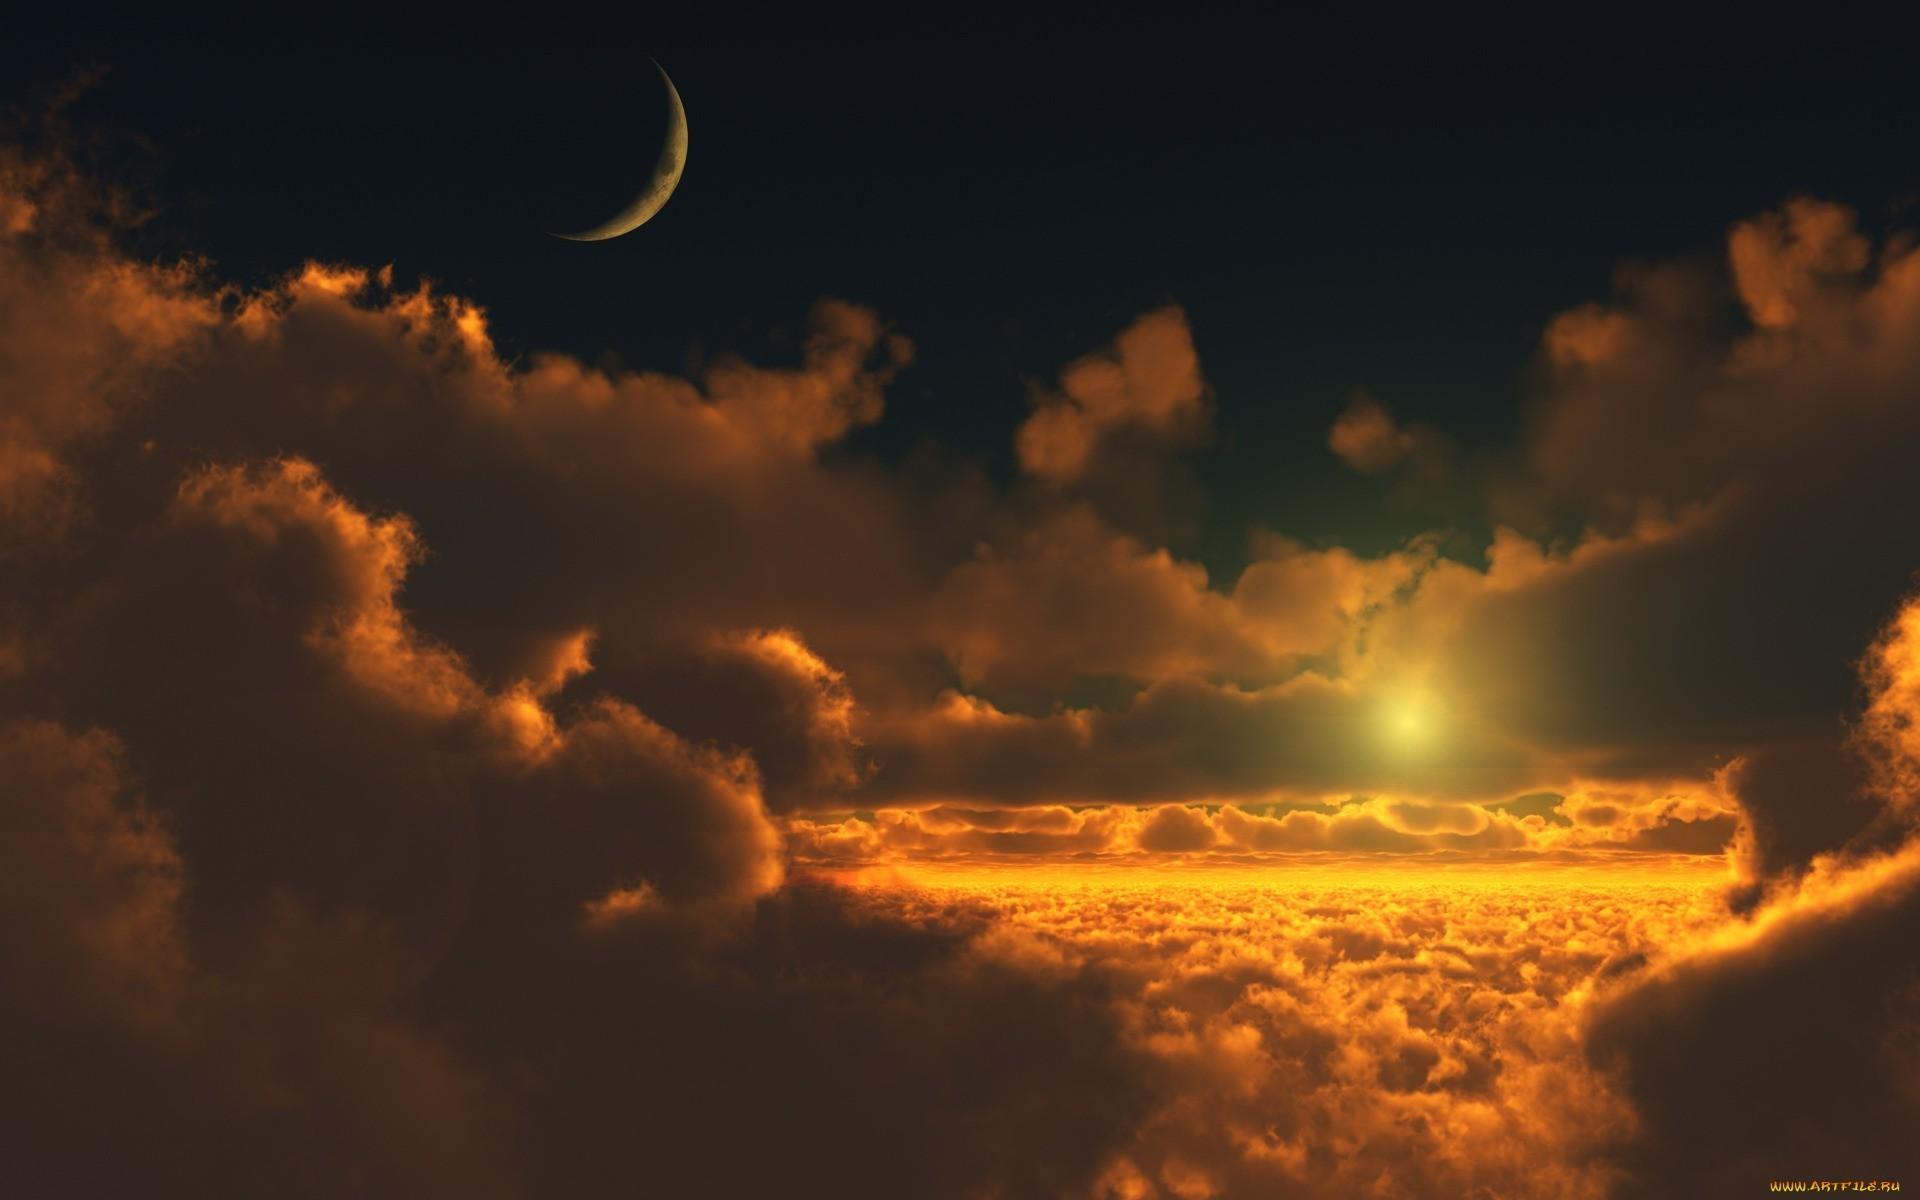 14597 скачать обои Пейзаж, Небо, Солнце, Облака - заставки и картинки бесплатно